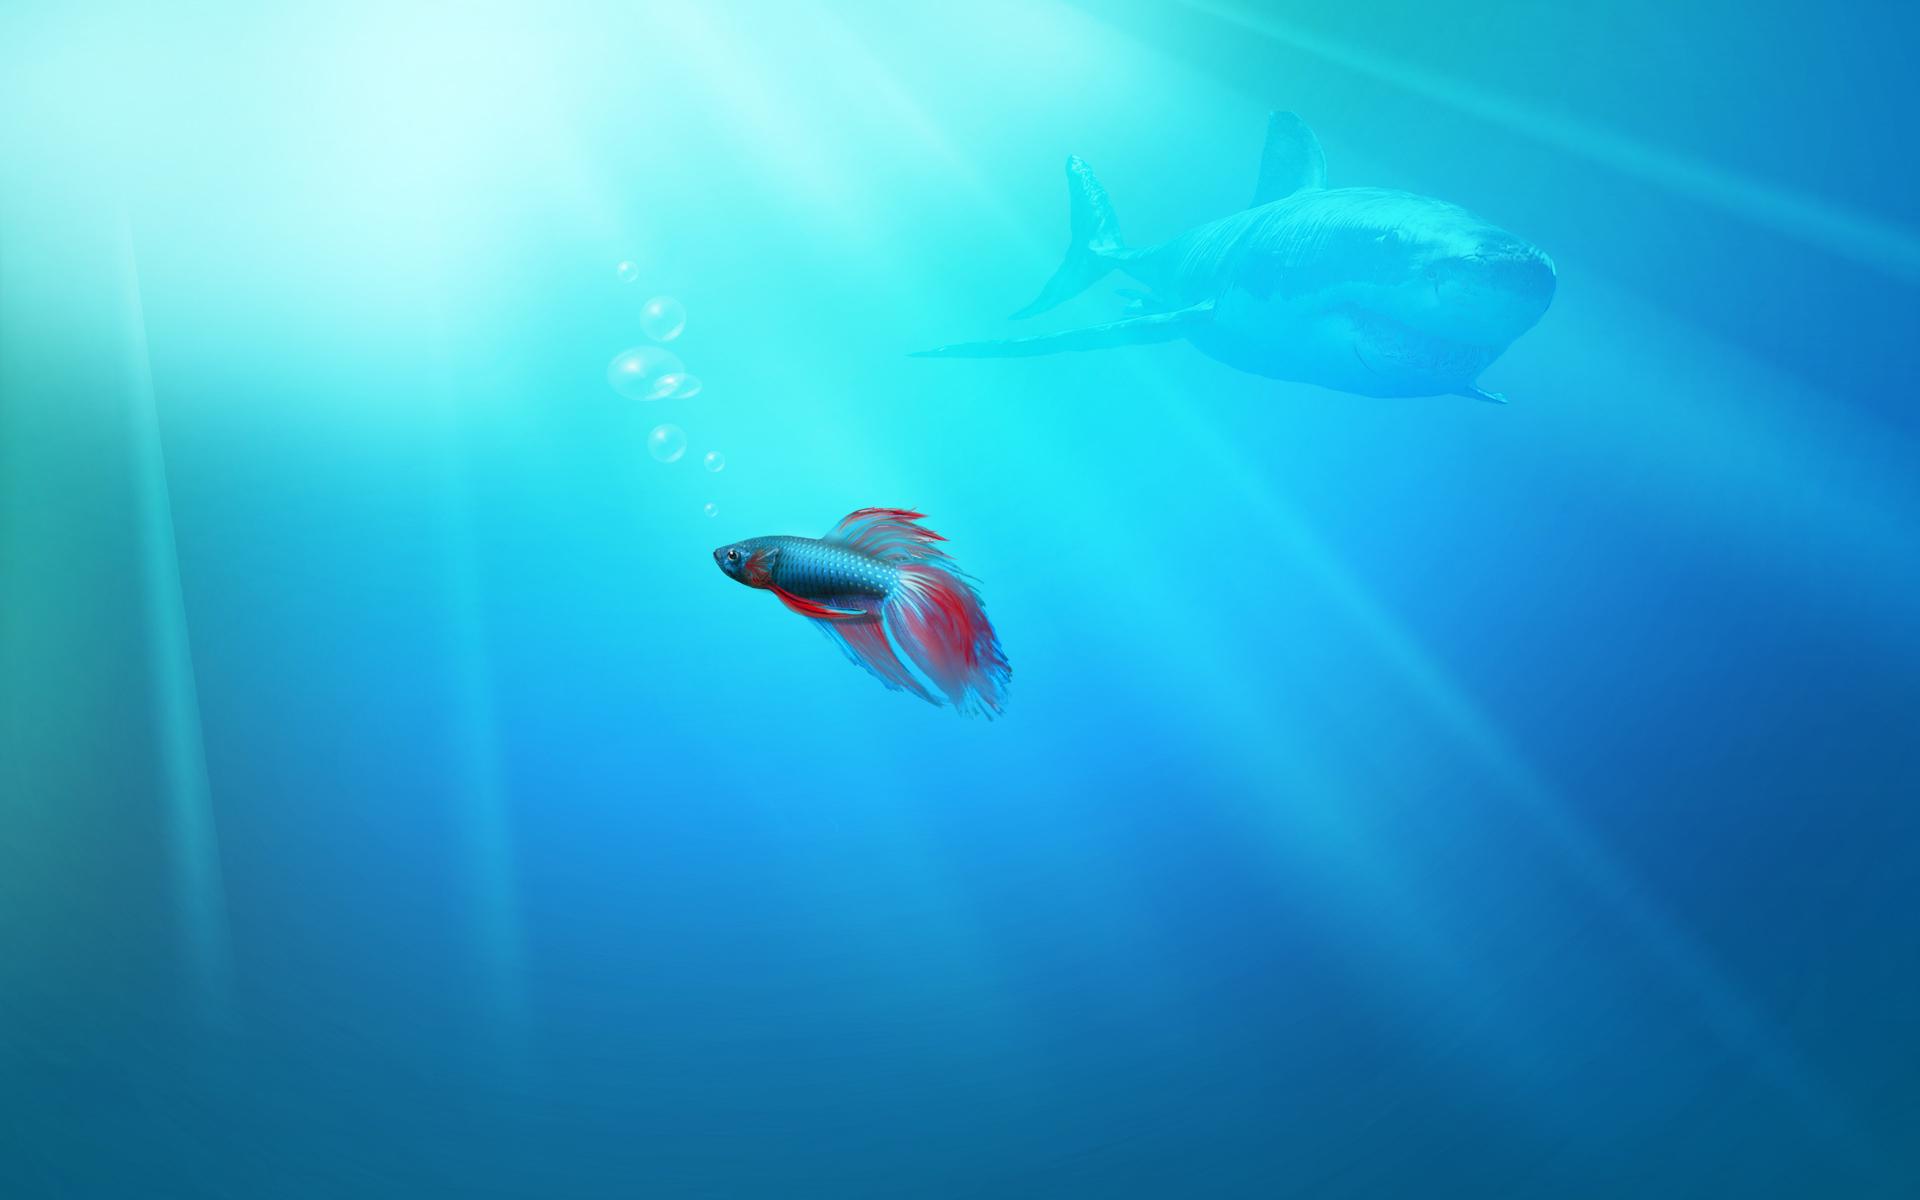 Греем рыбку  № 1543158 загрузить